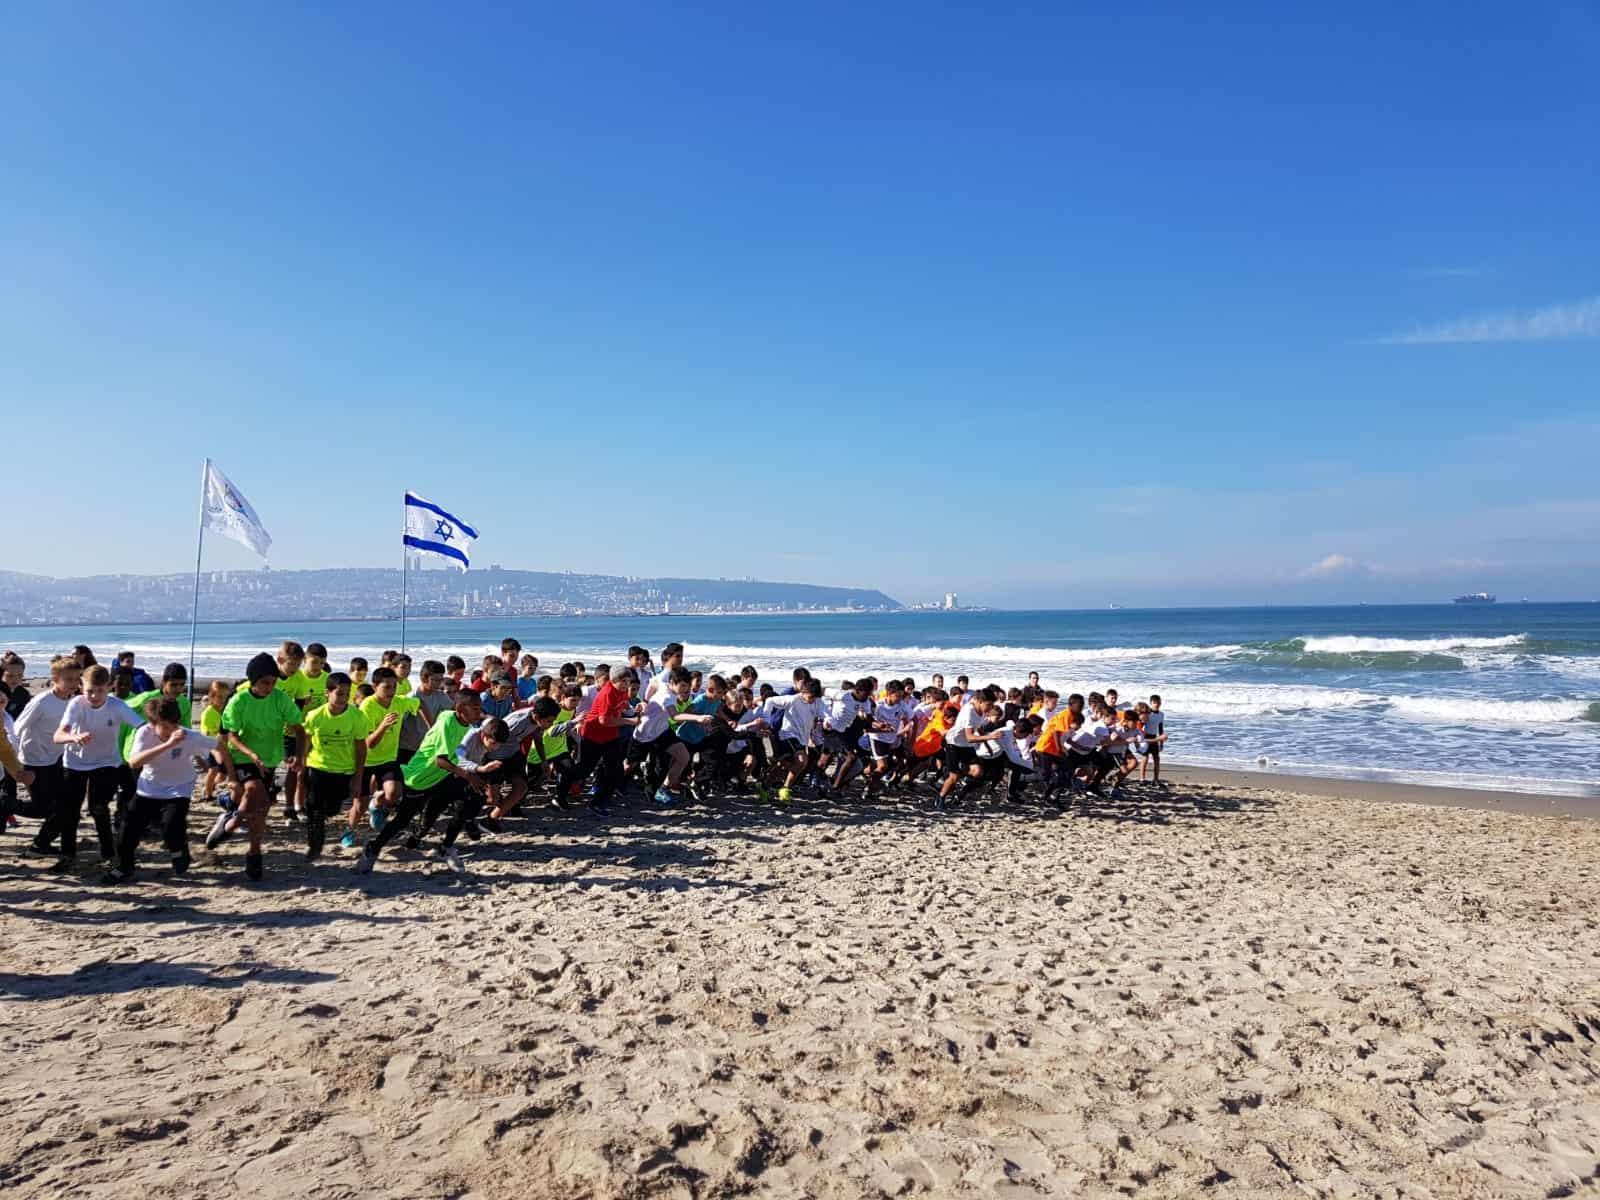 קרית ים: אליפות מרוצי שדה בחוף הים